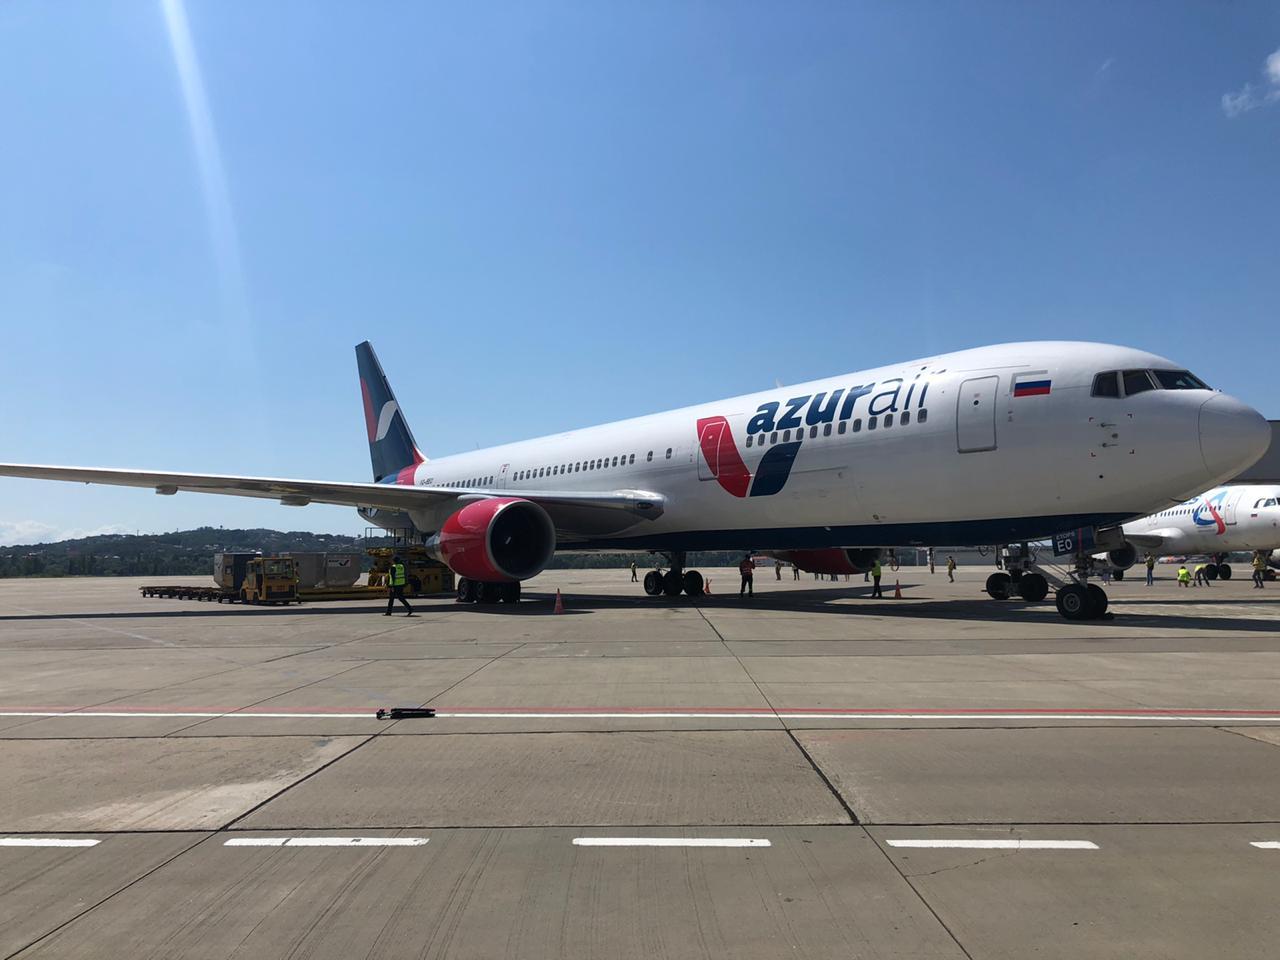 Международный аэропорт Сочи Адлер принял первые рейсы авиакомпании Azur Air